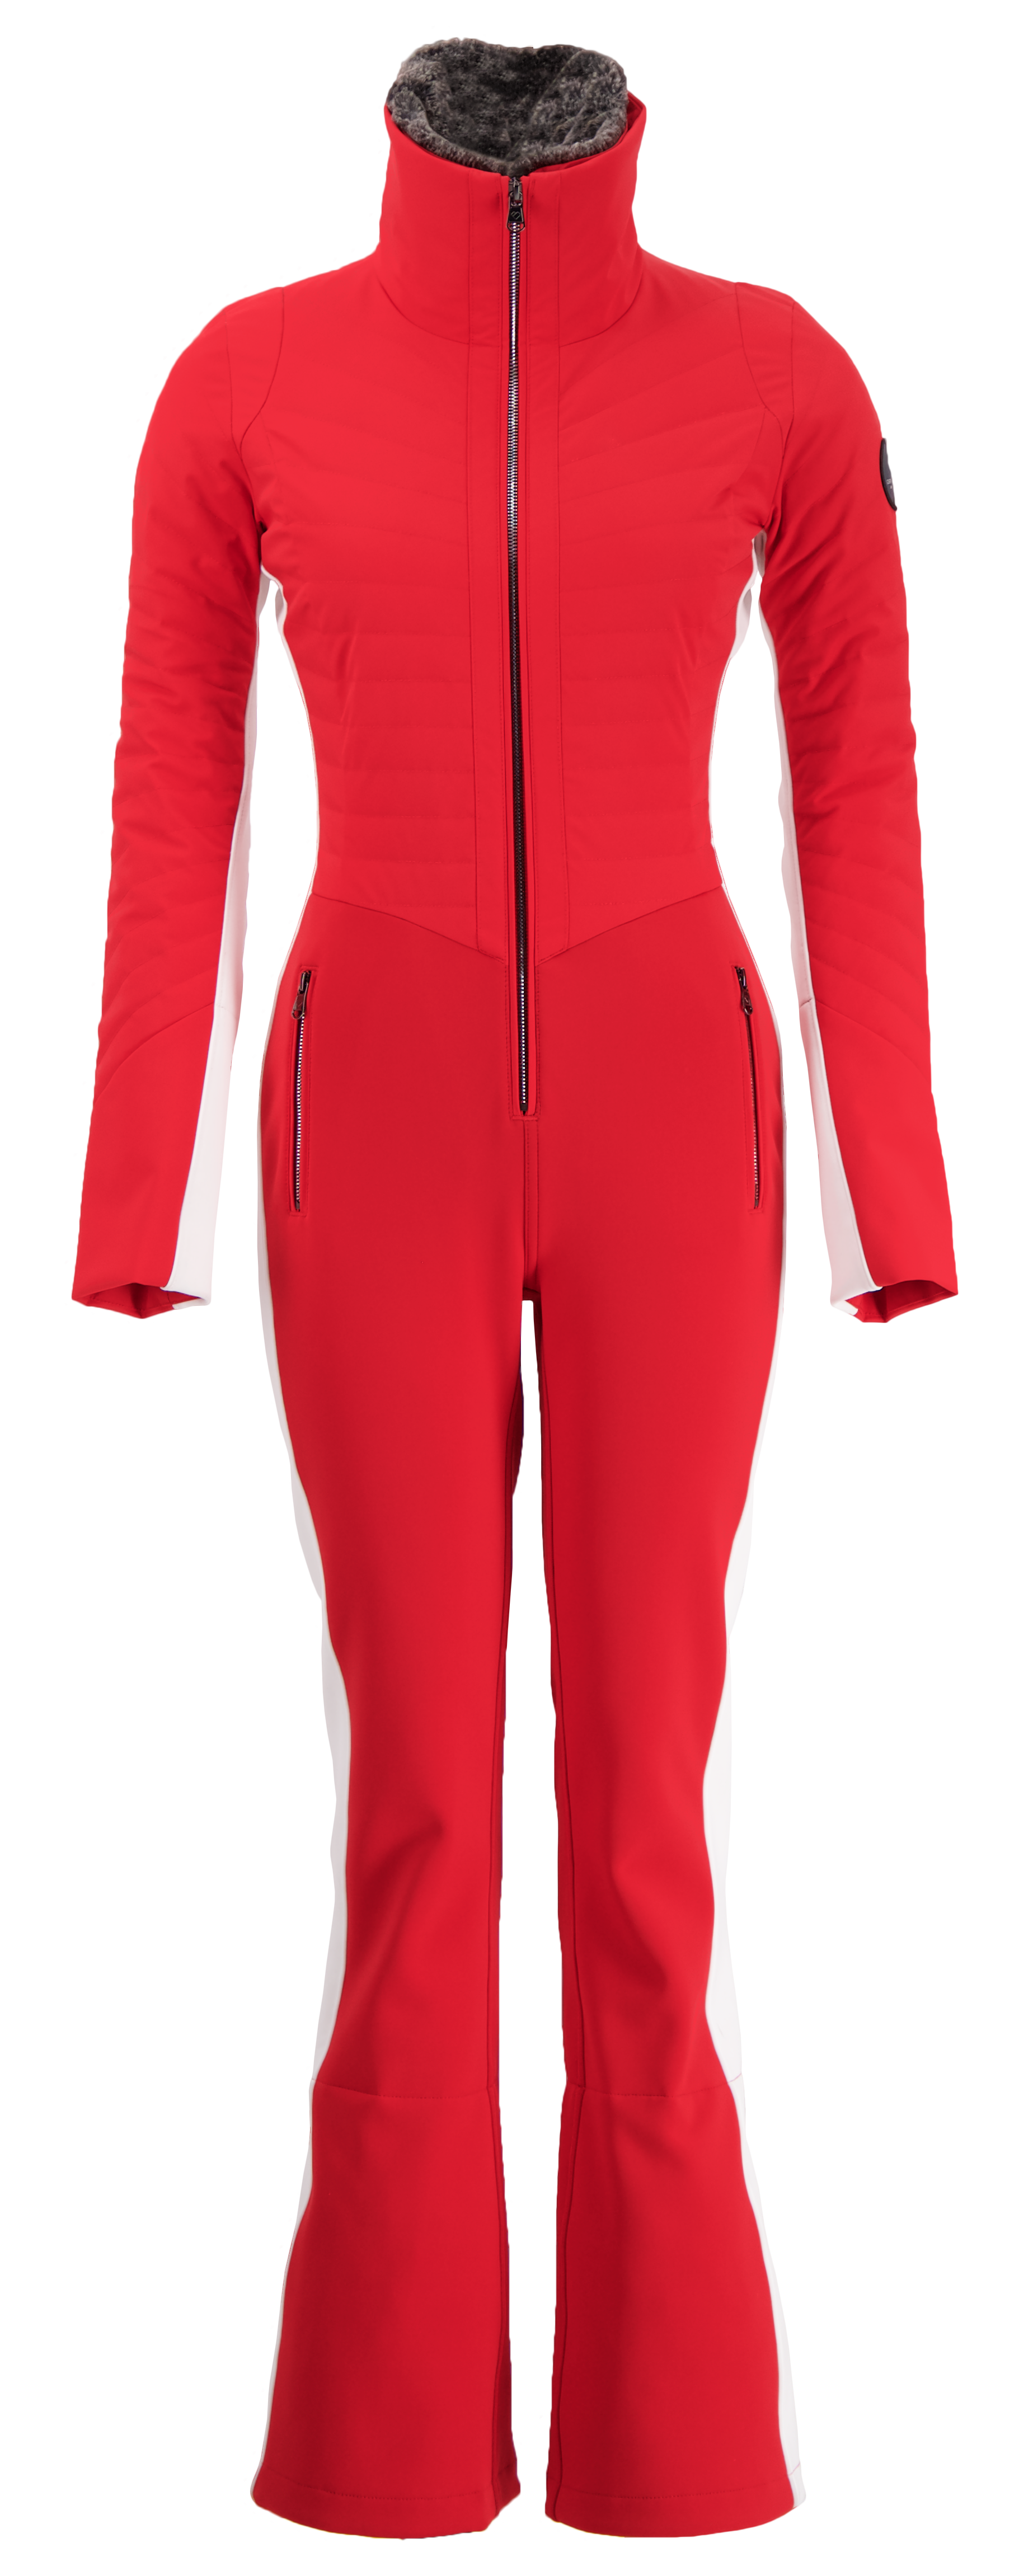 skn110601-killington skier